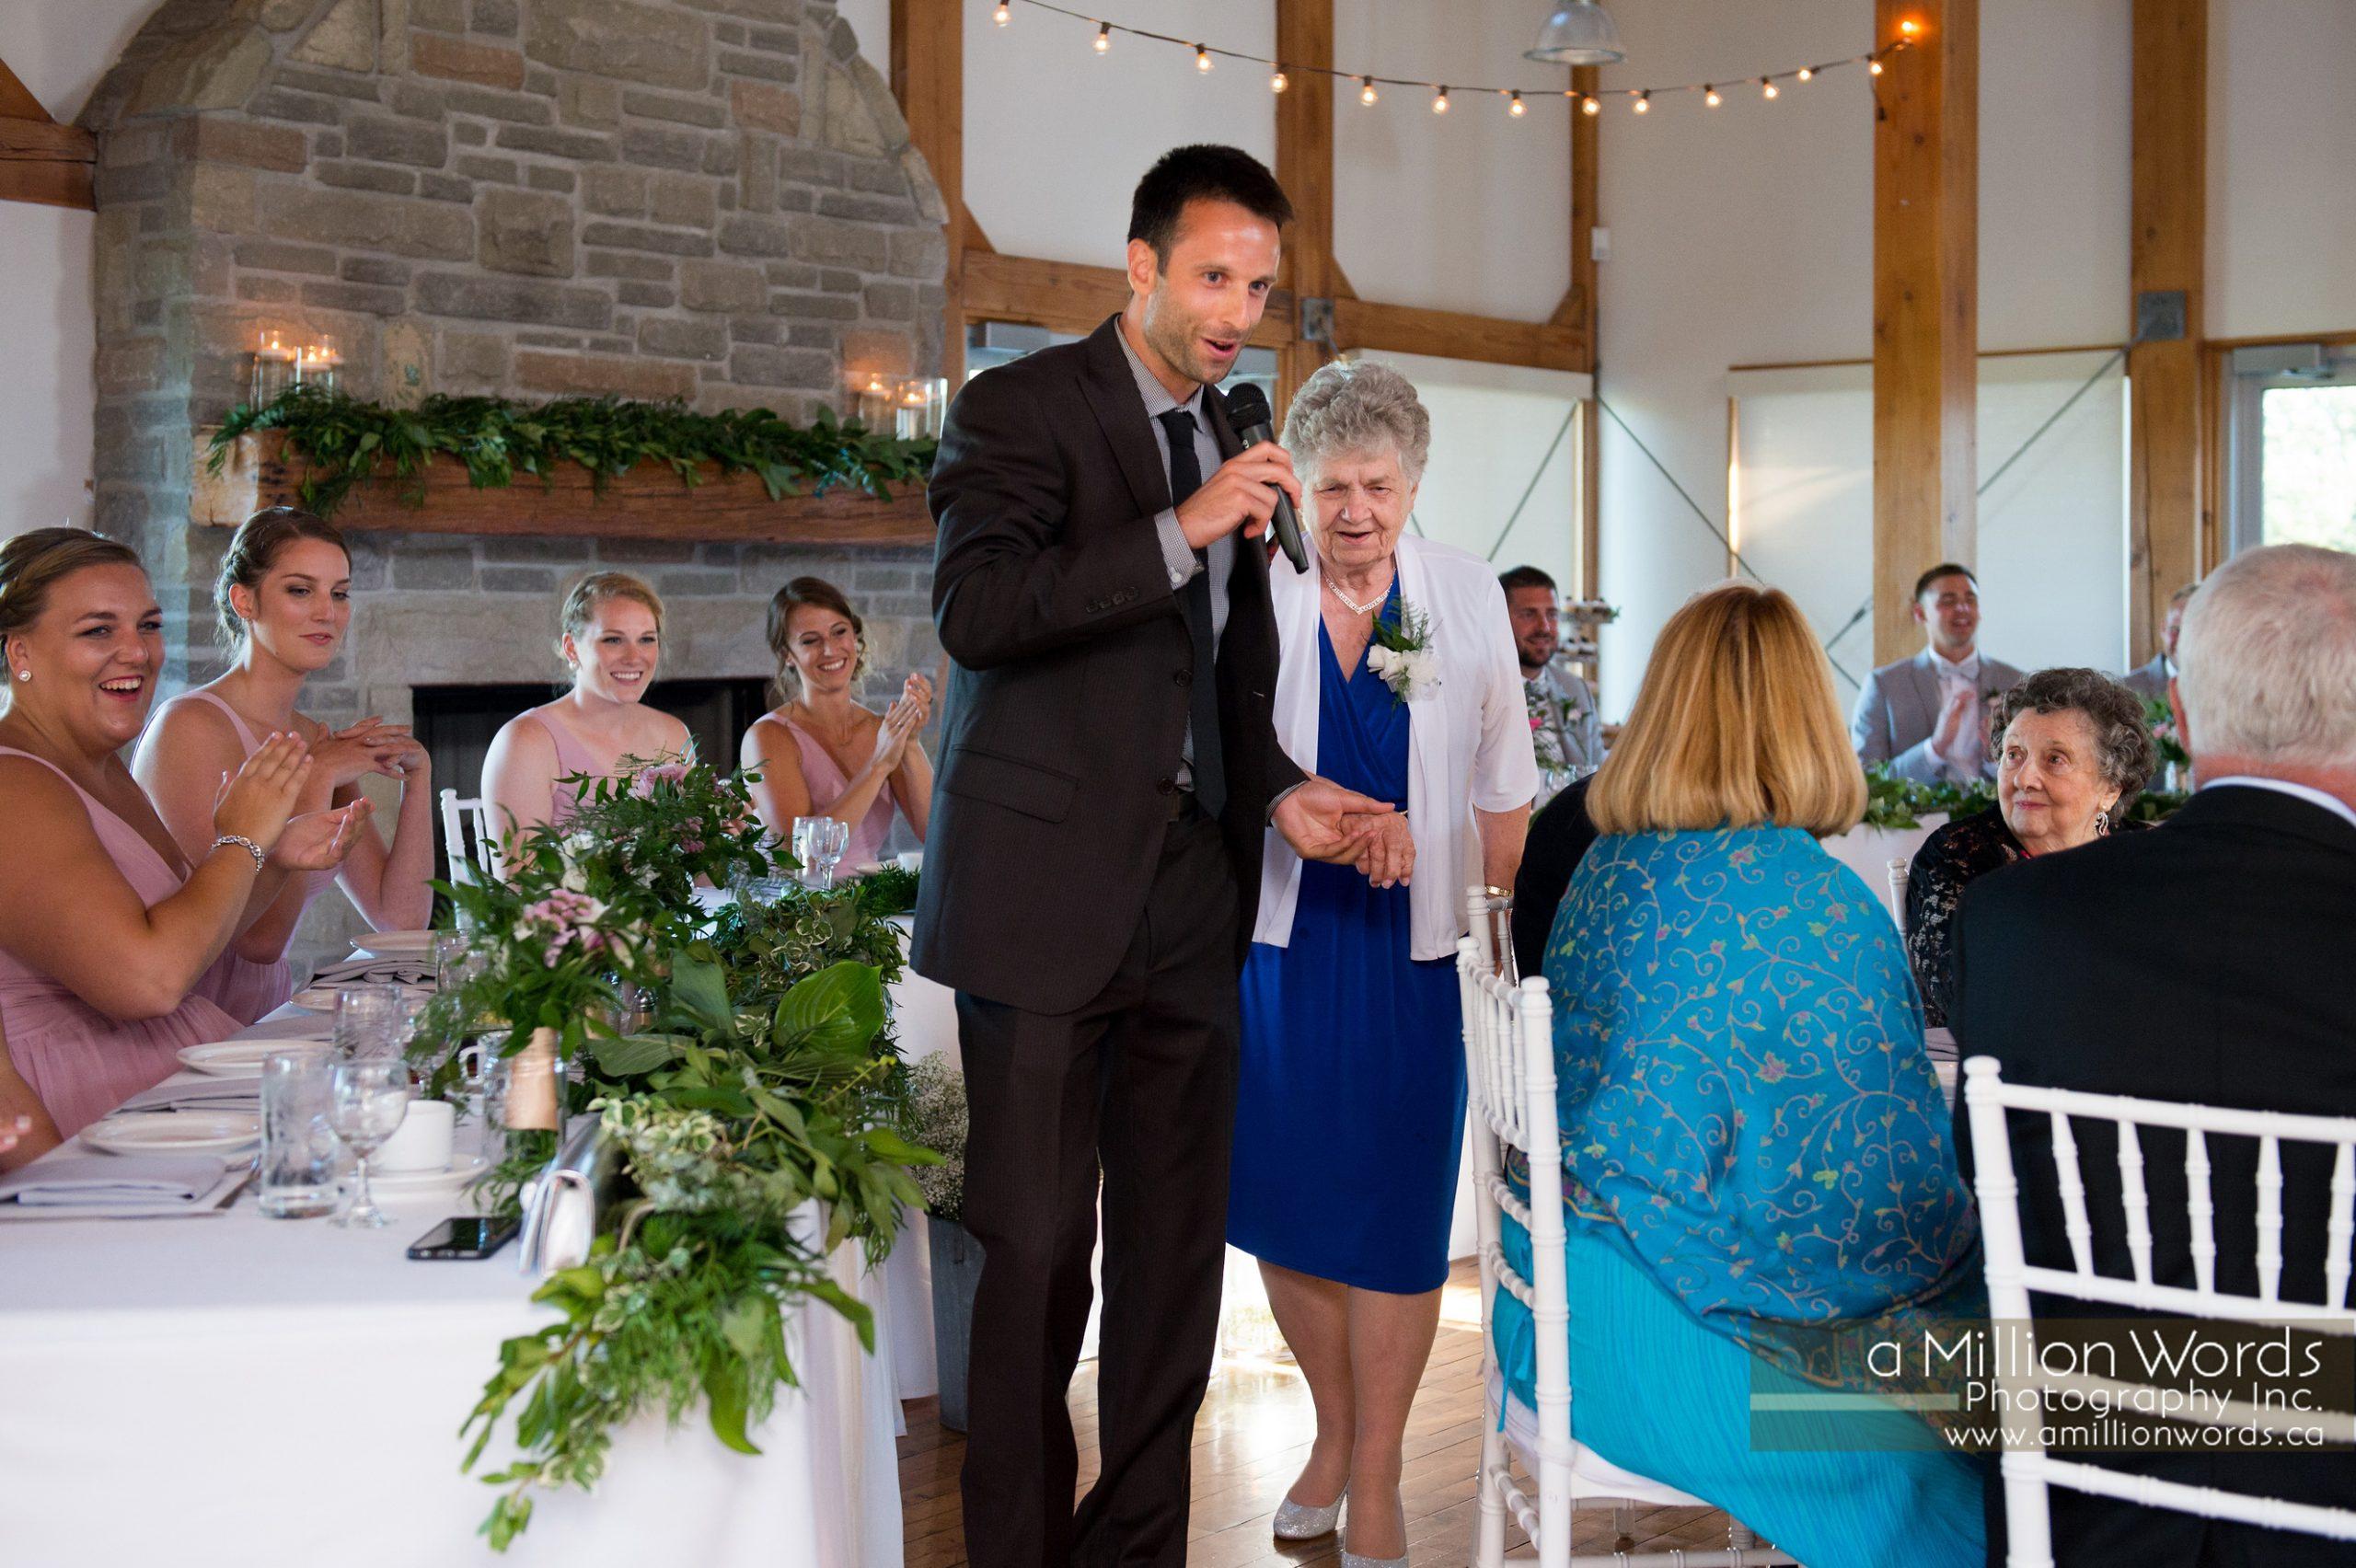 kw_wedding_photography45